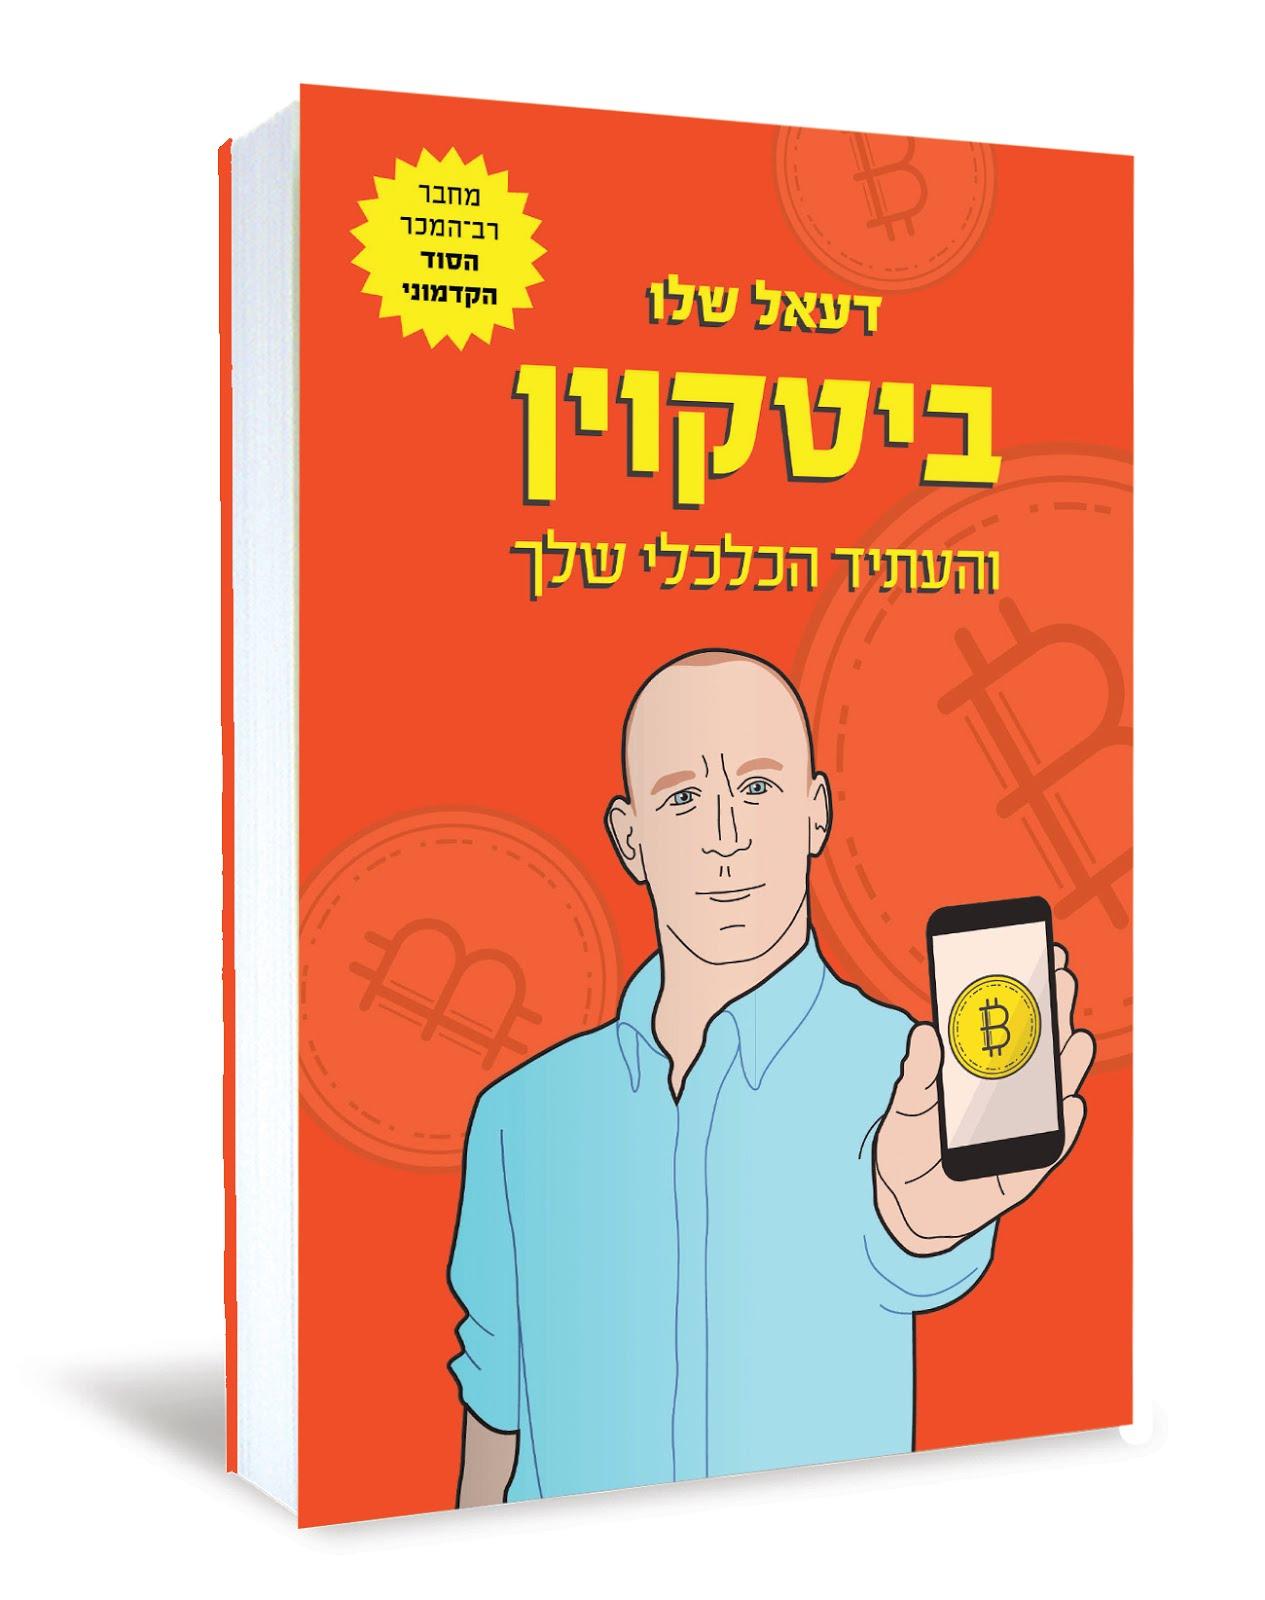 הספר החדש שלי